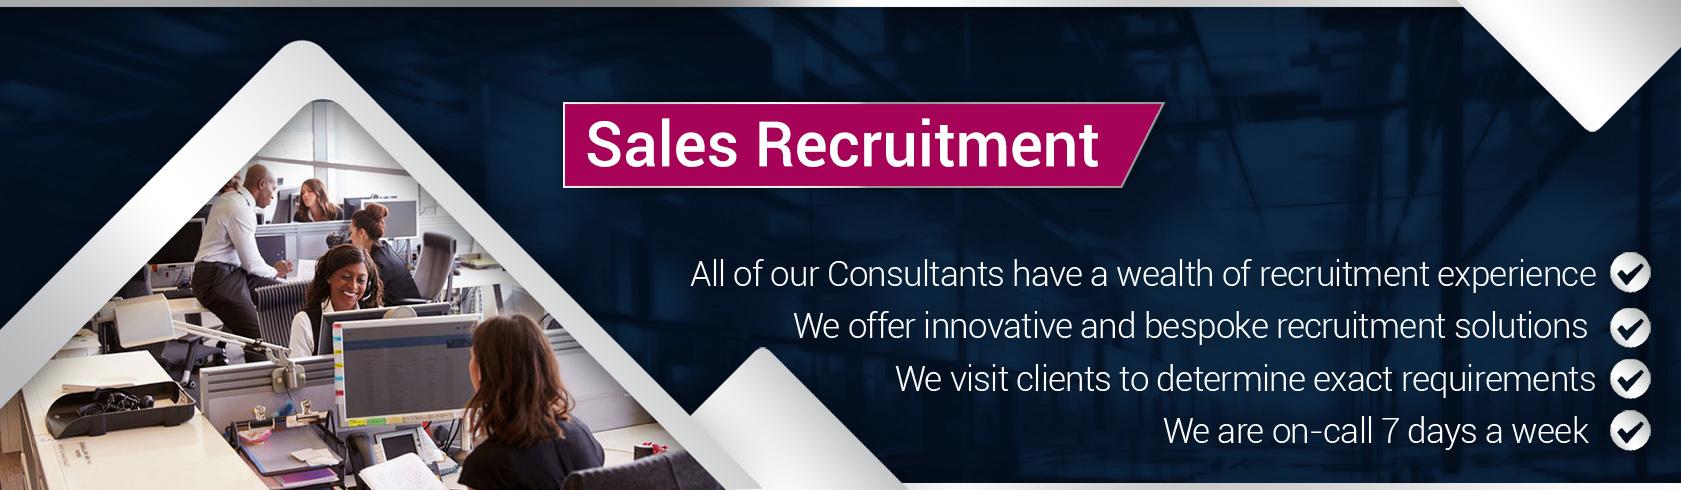 sales-recruitment